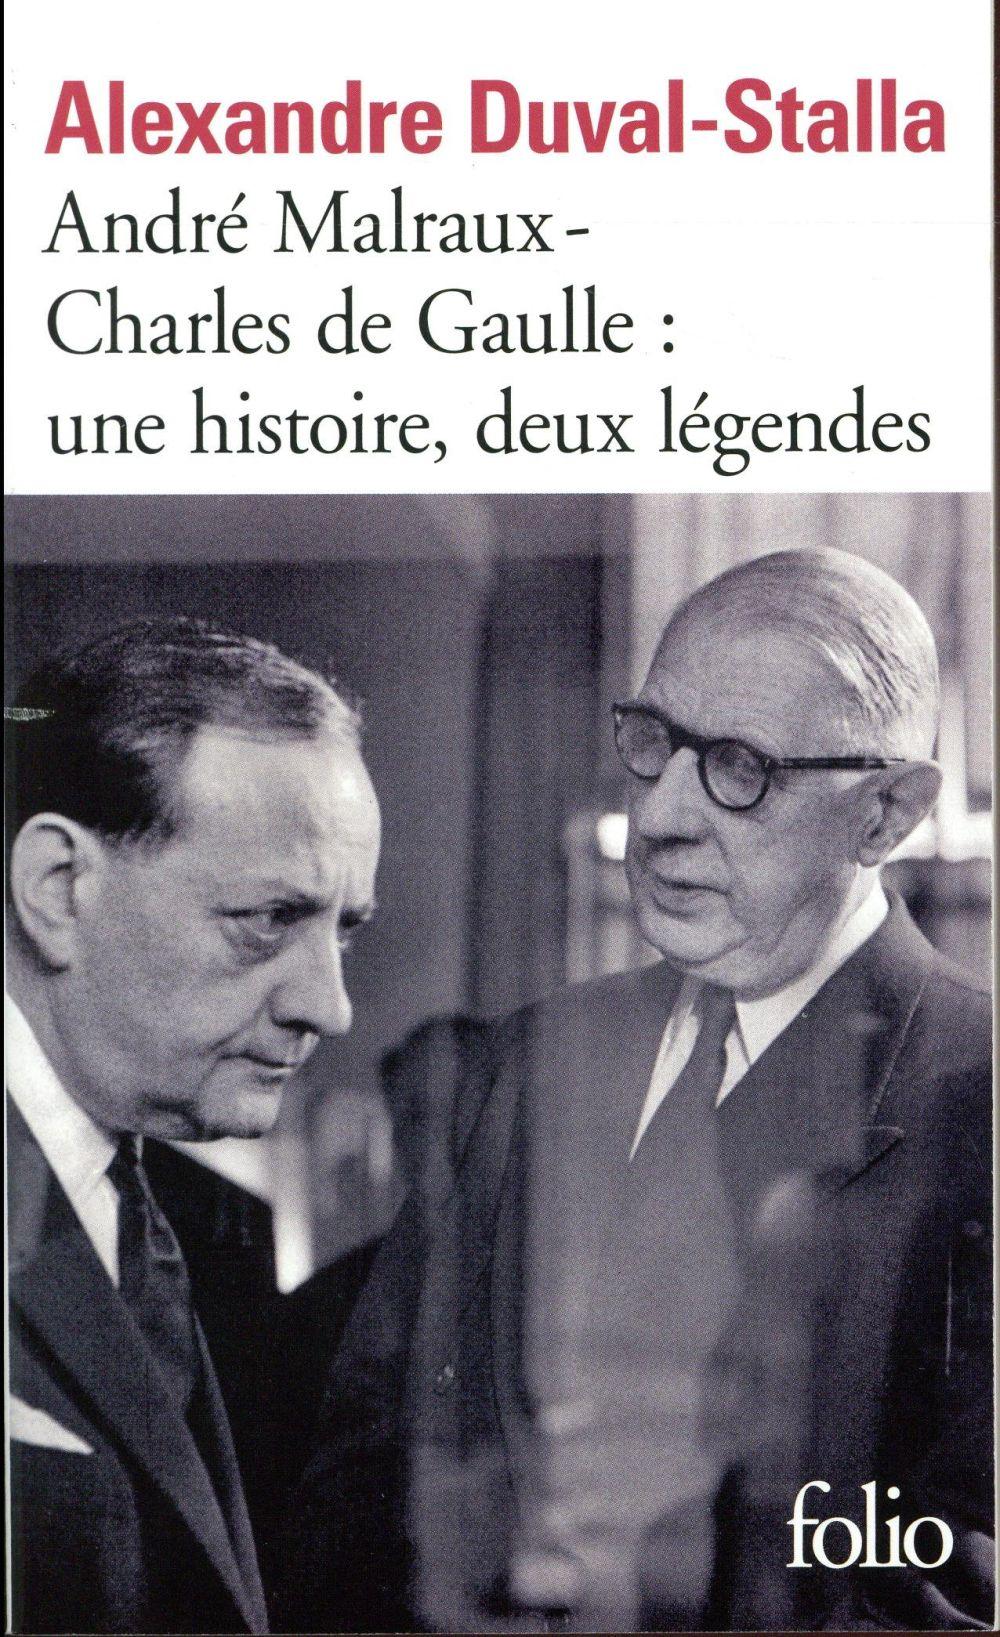 André Malraux-Charles de Gaulle ; une histoire, deux légendes